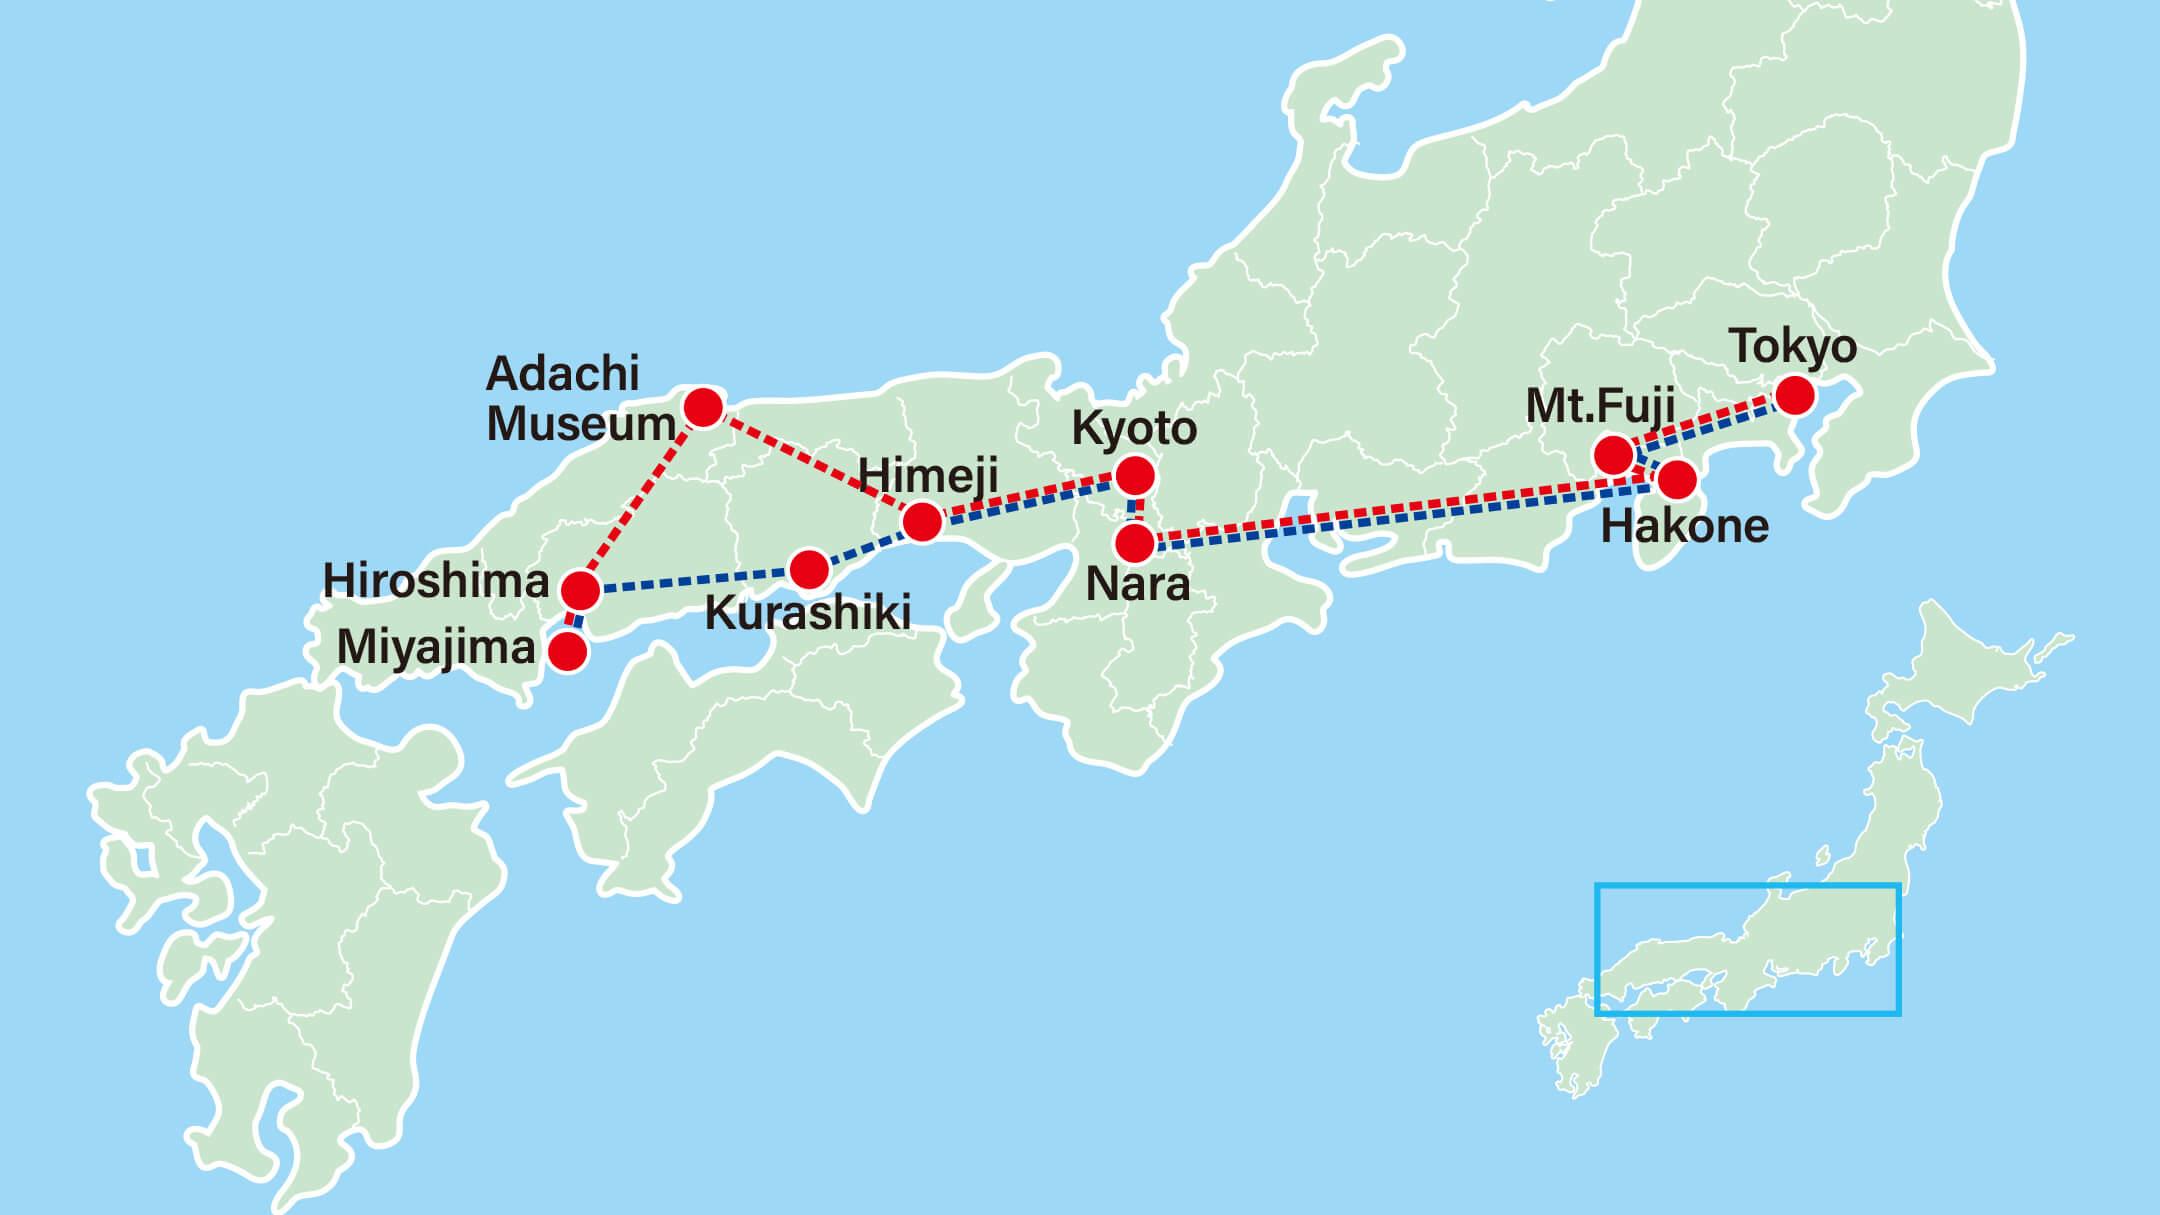 Hiroshima & Anime 10 Day Vacation-Hiroshima-Kyoto-Nara-Mt Fuji-Hakone-Tokyo